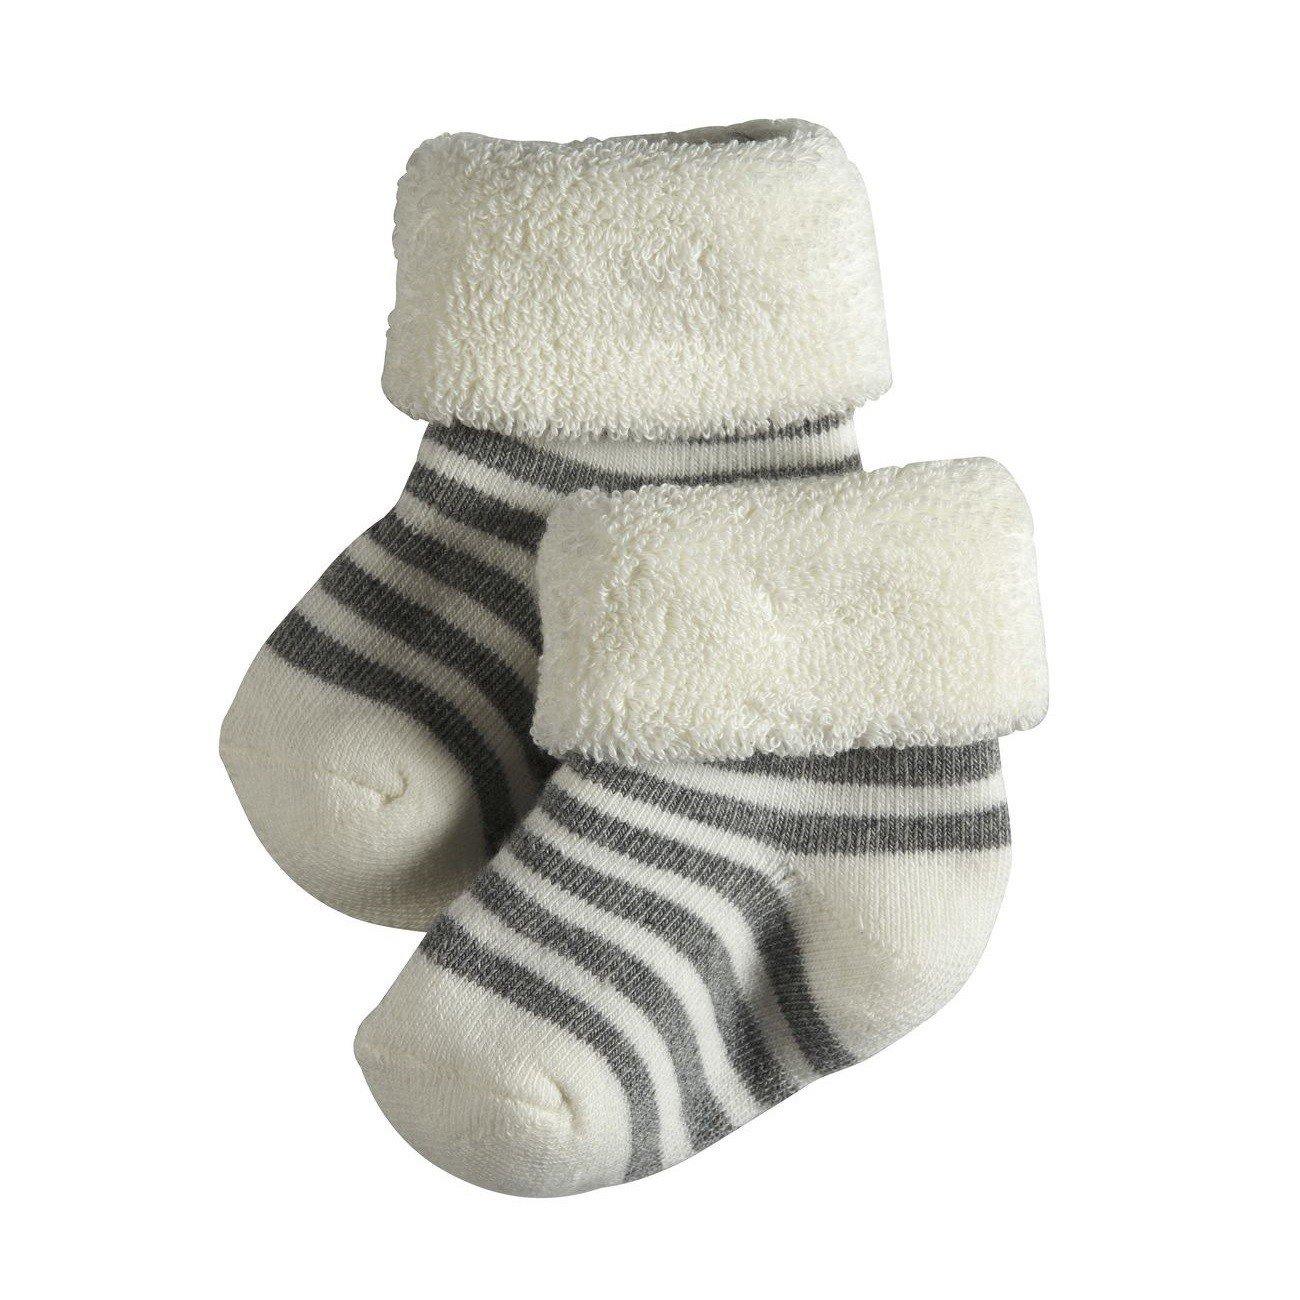 FALKE Unisex Baby Socken Erstlingsringel, Blickdicht FALKE KGaA 10040